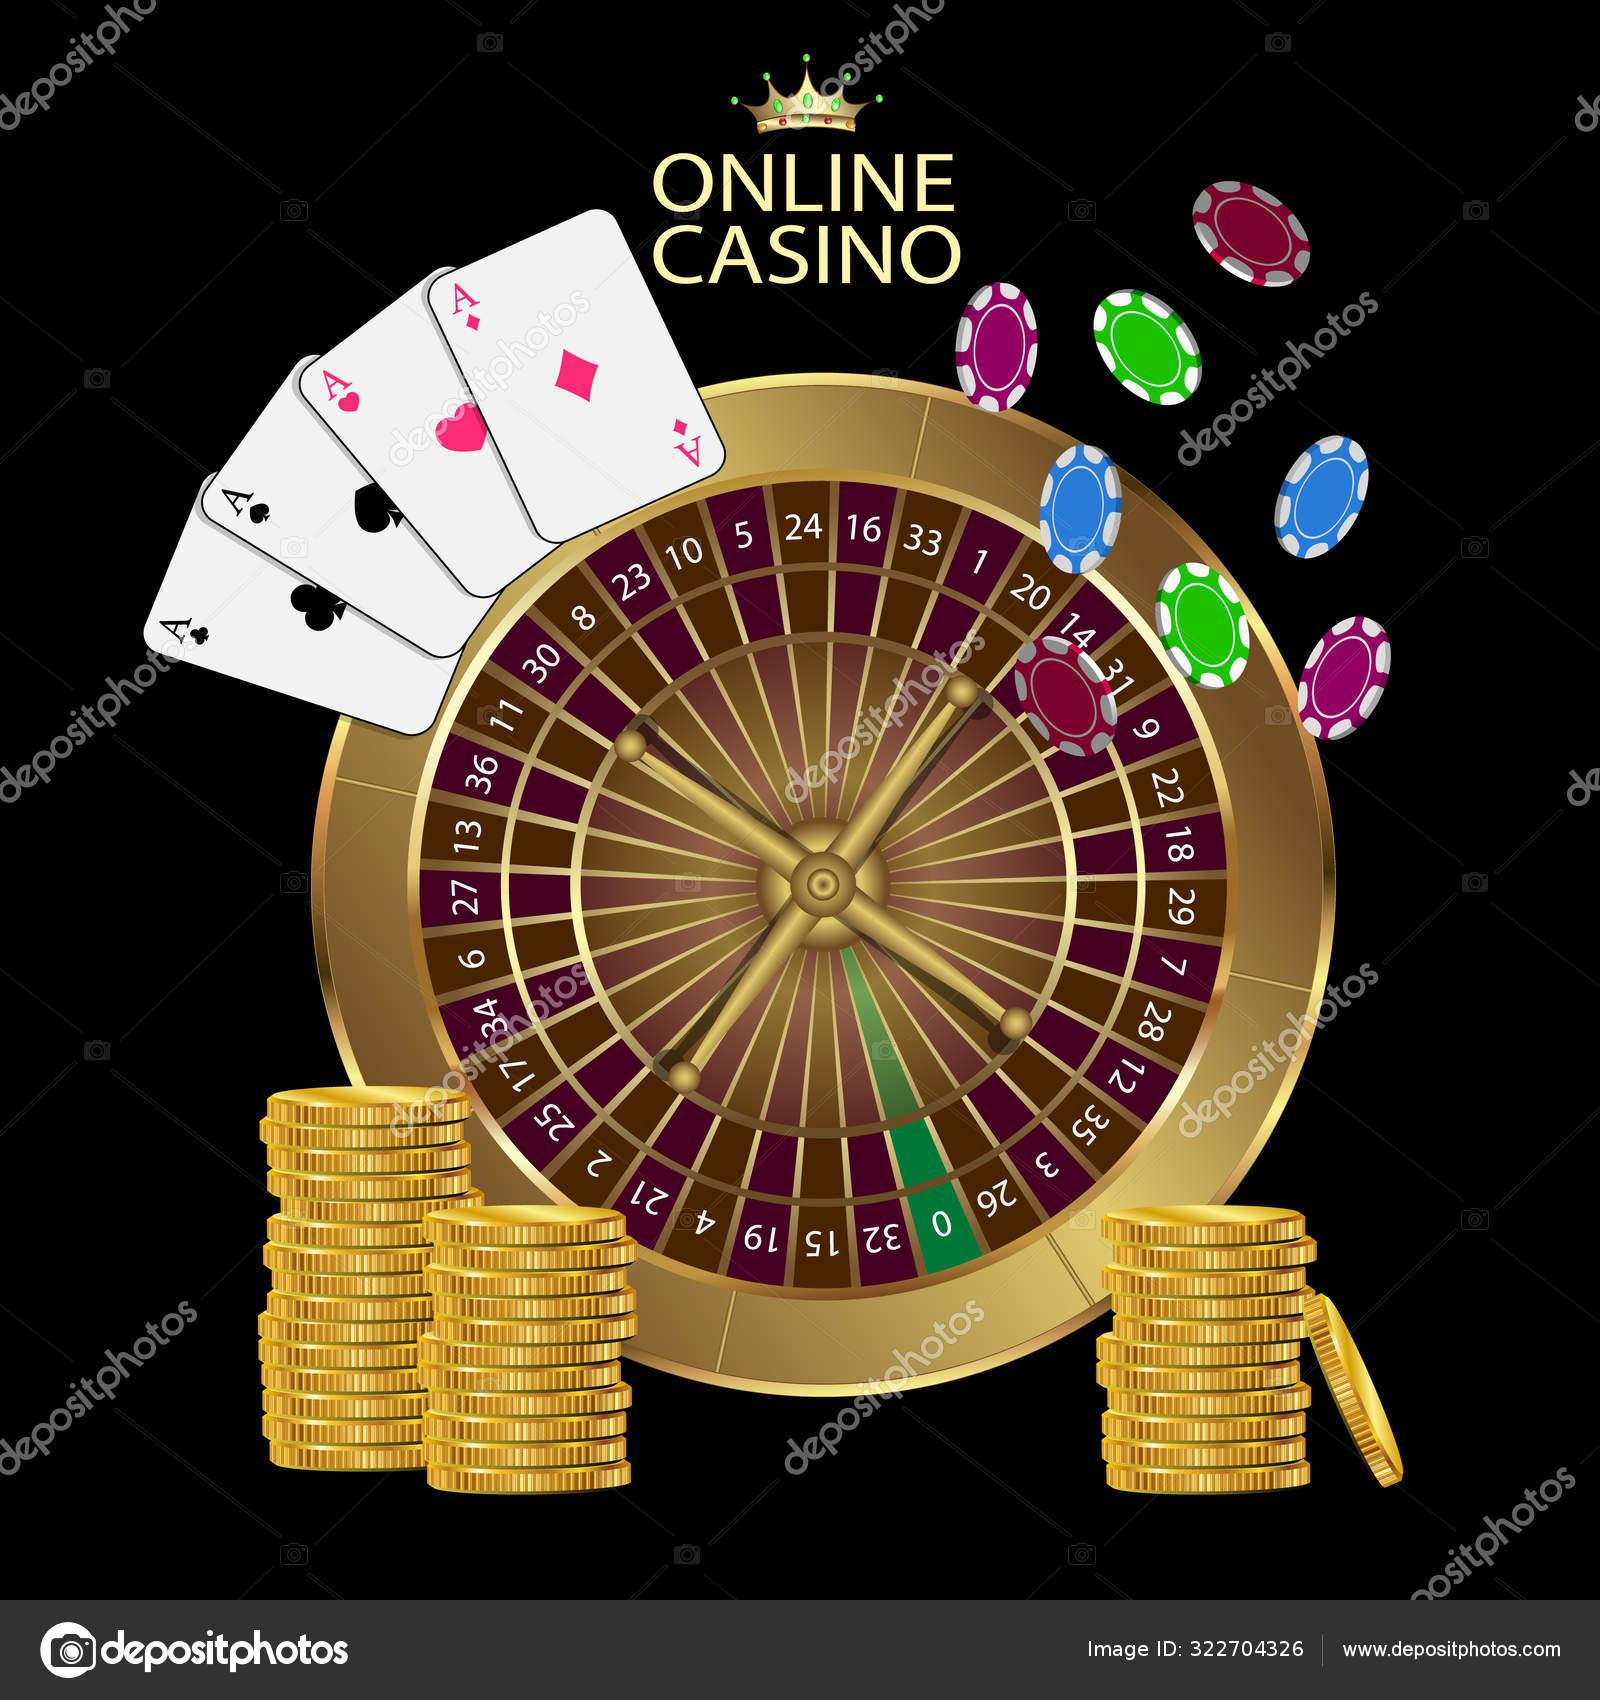 Баннер казино онлайн казино голден геймс лохлтрон